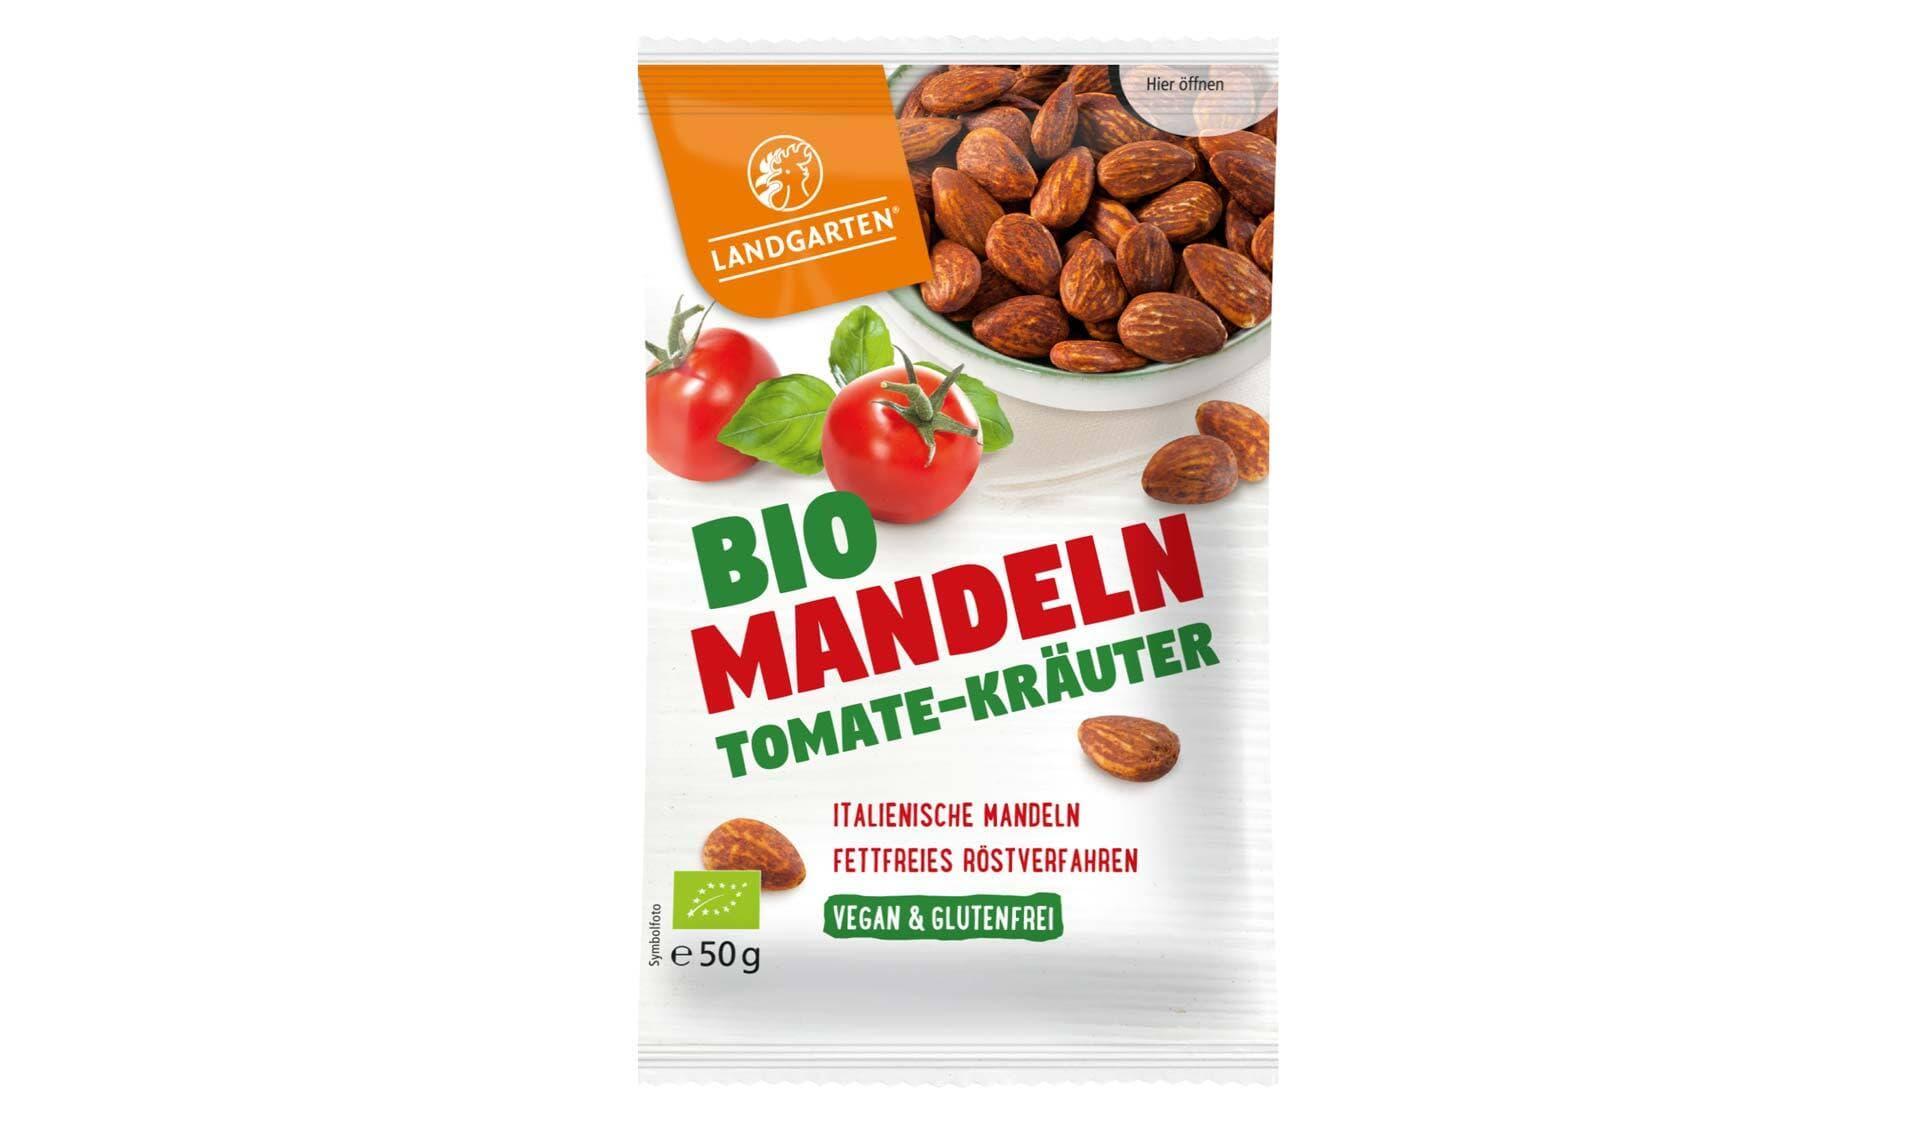 Landgarten: Bio Mandeln Tomate-Kräuter